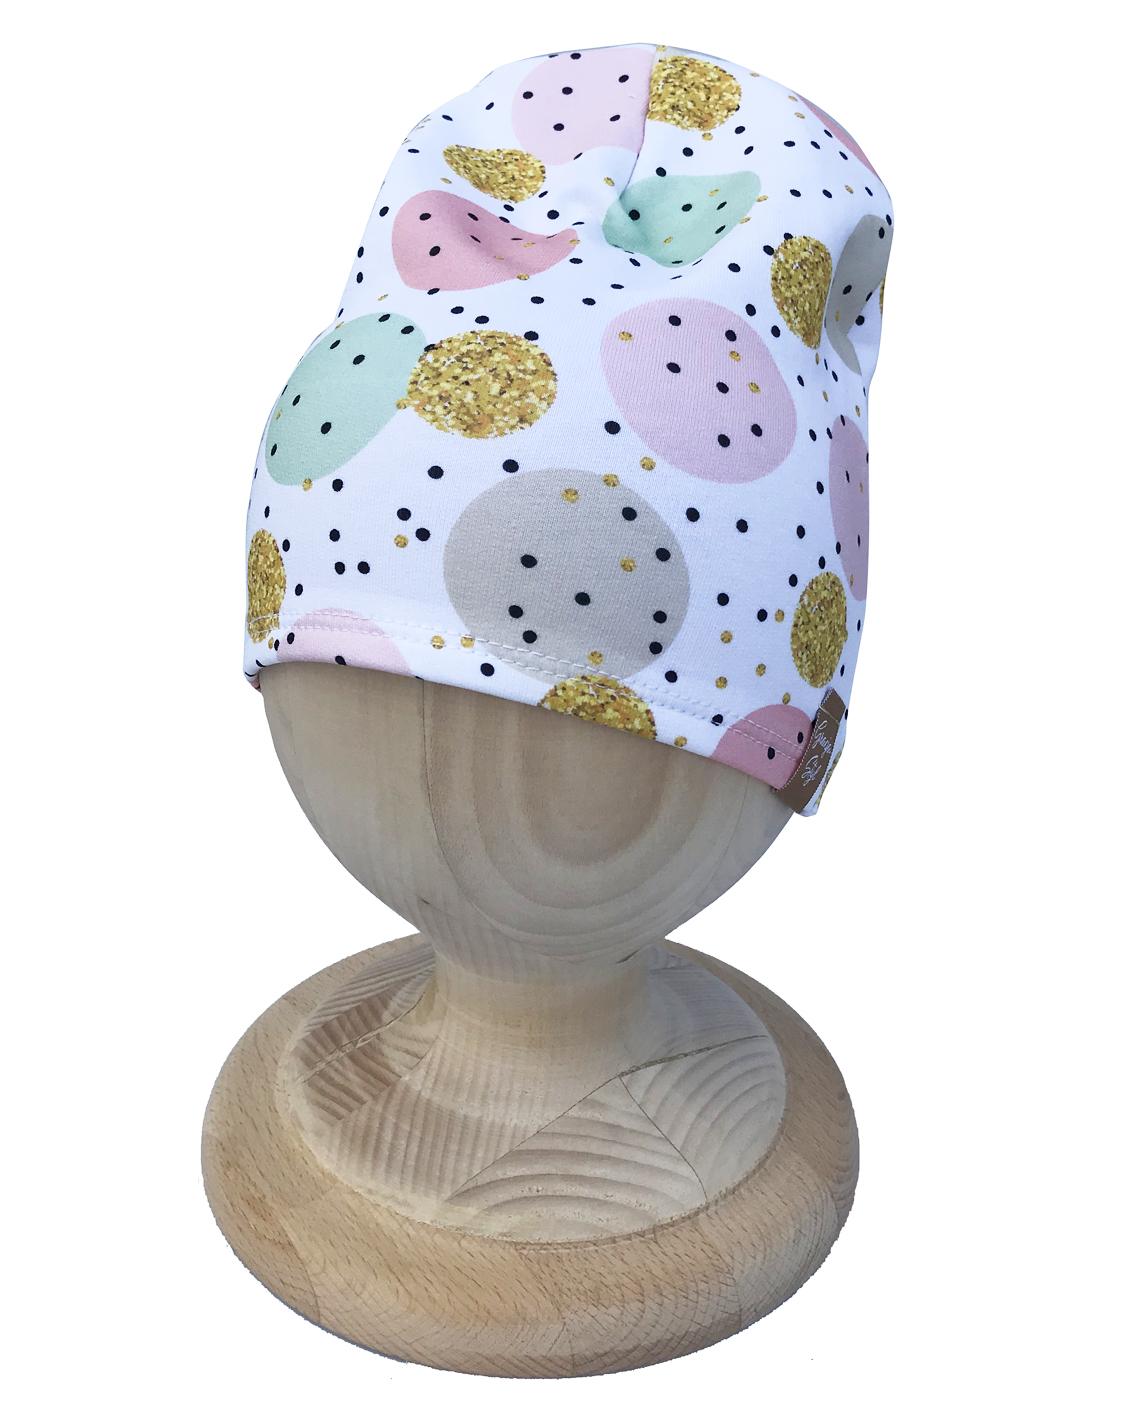 Czapka SMERFETKA piękna ozdoba główki. Wykonany z przepięknej miłej w dotyku elastycznej dresówki z nadrukiem cyfrowym z fotograficzną jakością wydruku. Dzięki technologi sublimacji wydruk nie jest wyczuwalny pod palcami. Idealna na chłodniejsze dni. Super zamiennik dla czapek chust, kapeluszy. Dzięki zastosowaniu wysokiej jakości dresówki oraz domieszce elastanu dzianina dobrze się układa, zapobiega przesunięciu się a co za tym idzie w trakcie użytkowania nie zsuwa się z uszu.